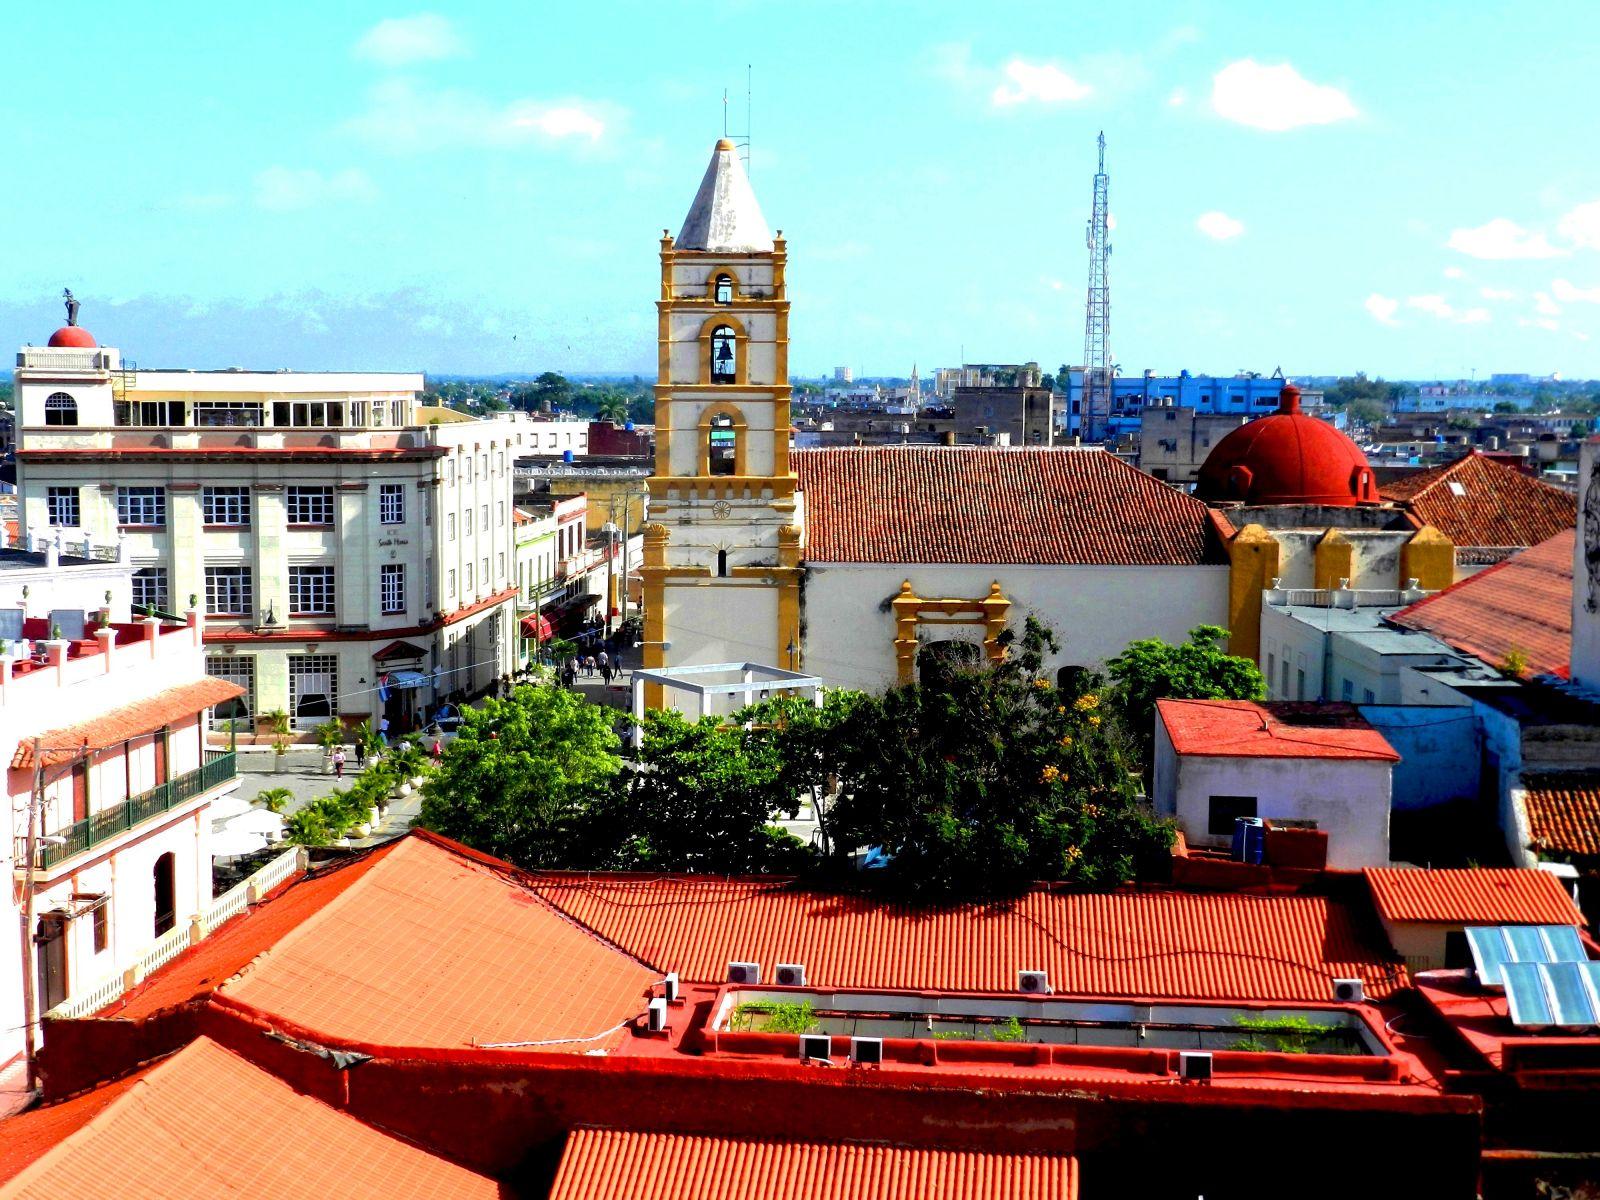 Camagüey, ciudad cubana de colores rojizos (2018) - Lázaro David Najarro Pujol